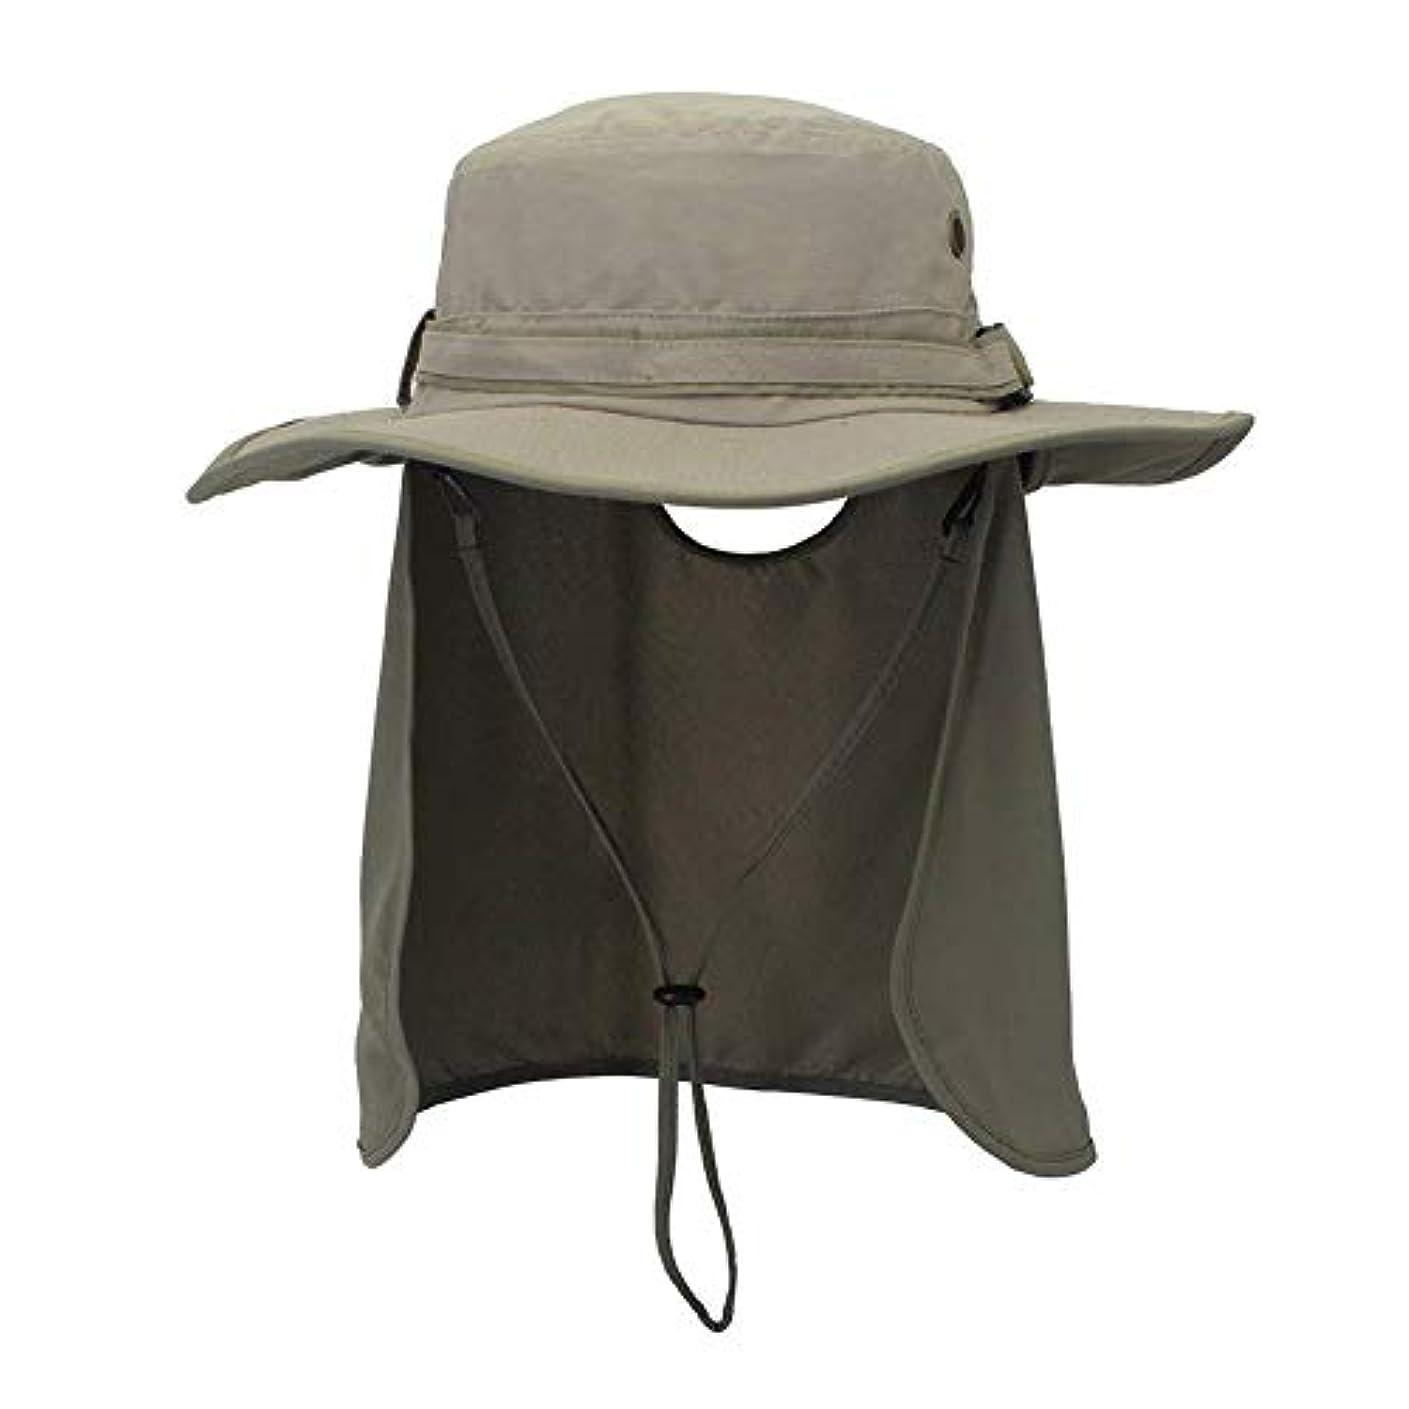 インサートポール広々とした釣り帽子、取り外し可能な折り返しの首カバー及び防風ストリップが付いているUPF 50の日曜日の保護広いつばの夏の屋外浜の釣り帽子、屋外のスポーツ及び旅行のための速い乾燥の日曜日の帽子。